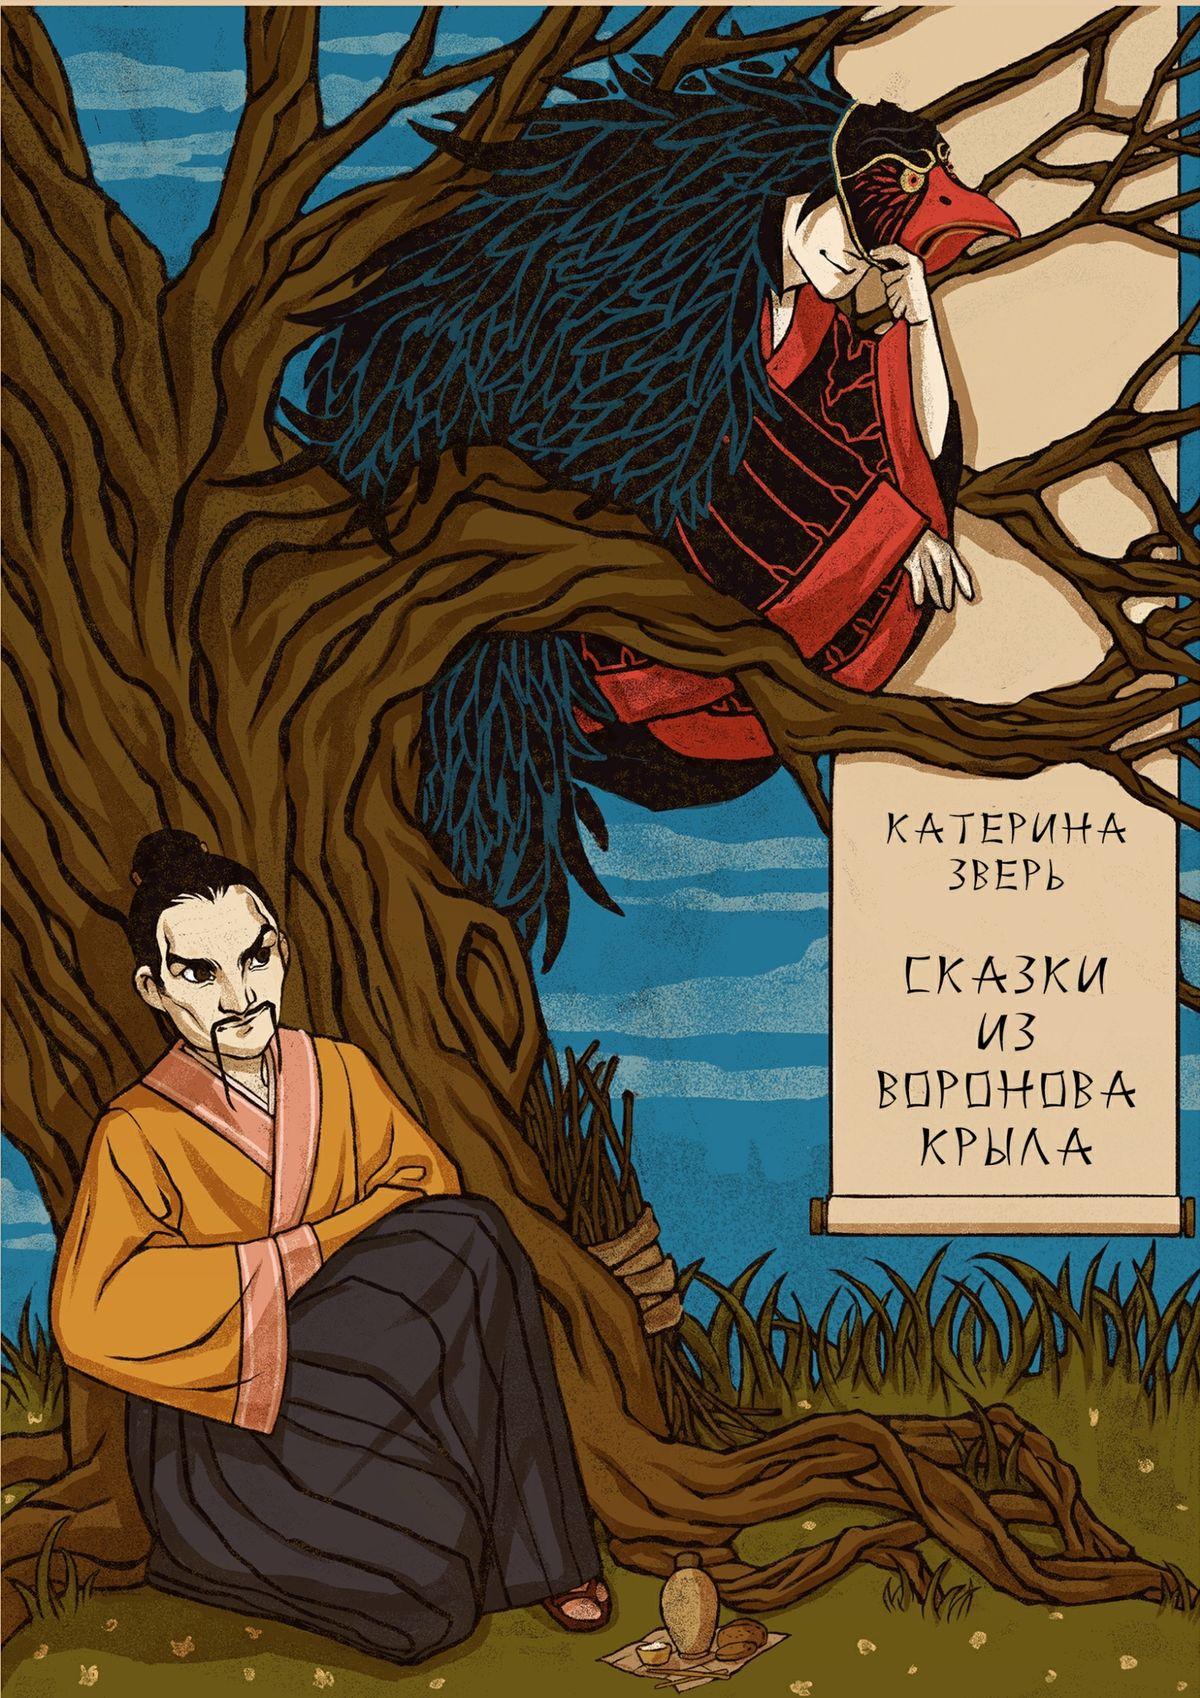 Катерина Зверь Сказки изворонова крыла